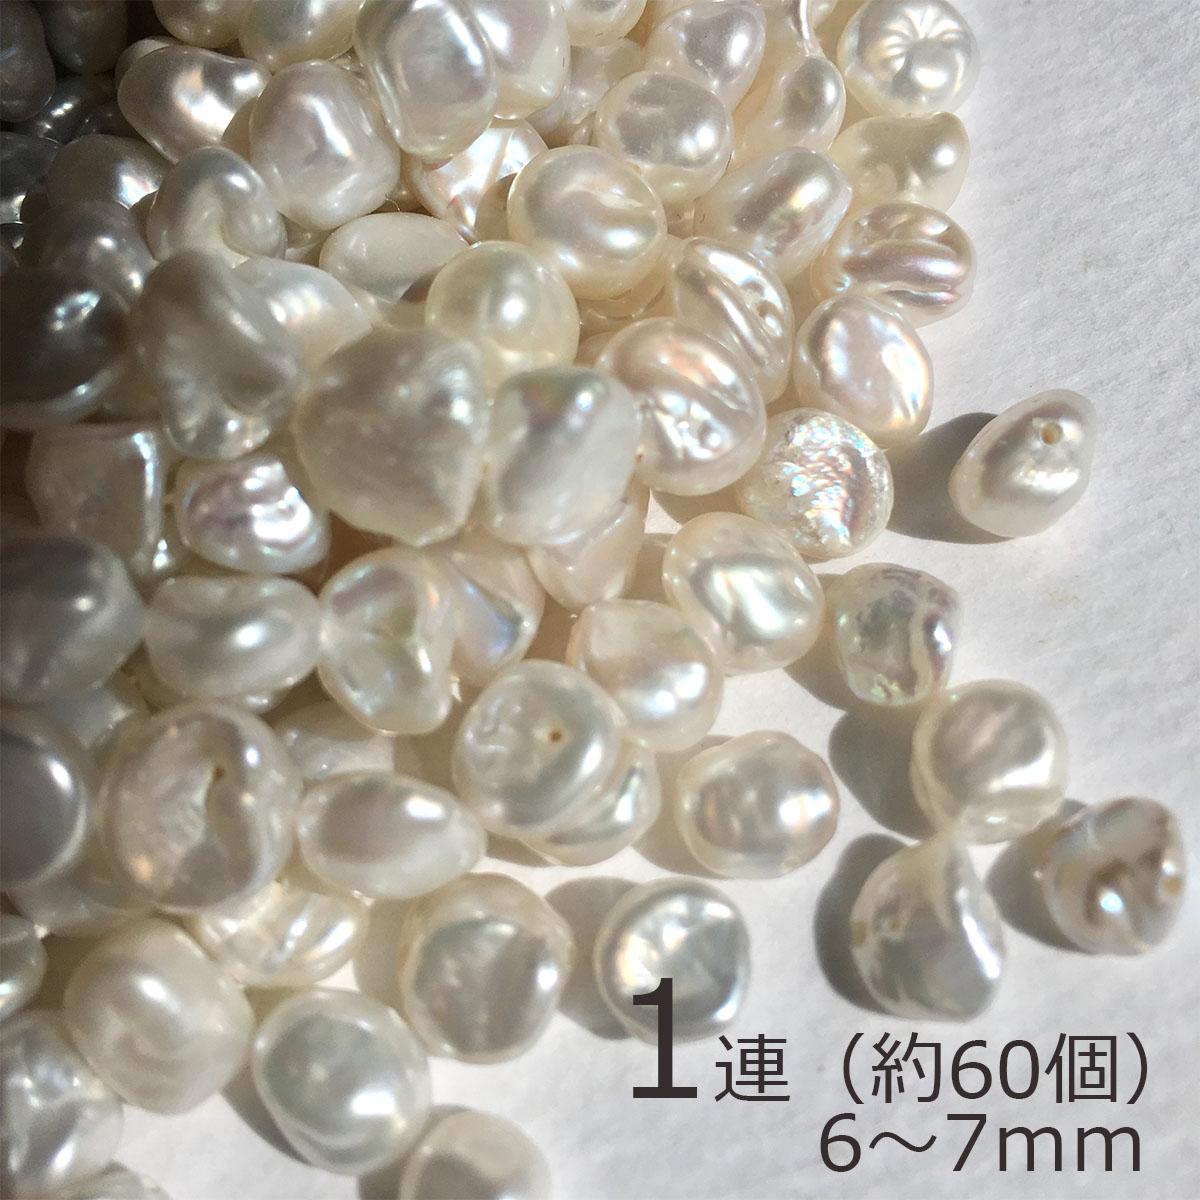 ラウンドタイプのケシパール ユガミが作品のアクセントに ケシパール1連 約60個 直送商品 6~7mm バロックパール 真珠 淡水真珠 ハンドメイドパーツ しわ ゆがみ 素材材料 パール ホワイト 白 連売り プレゼント 不揃い 手作りアクセサリー 18%OFF 不規則 女性